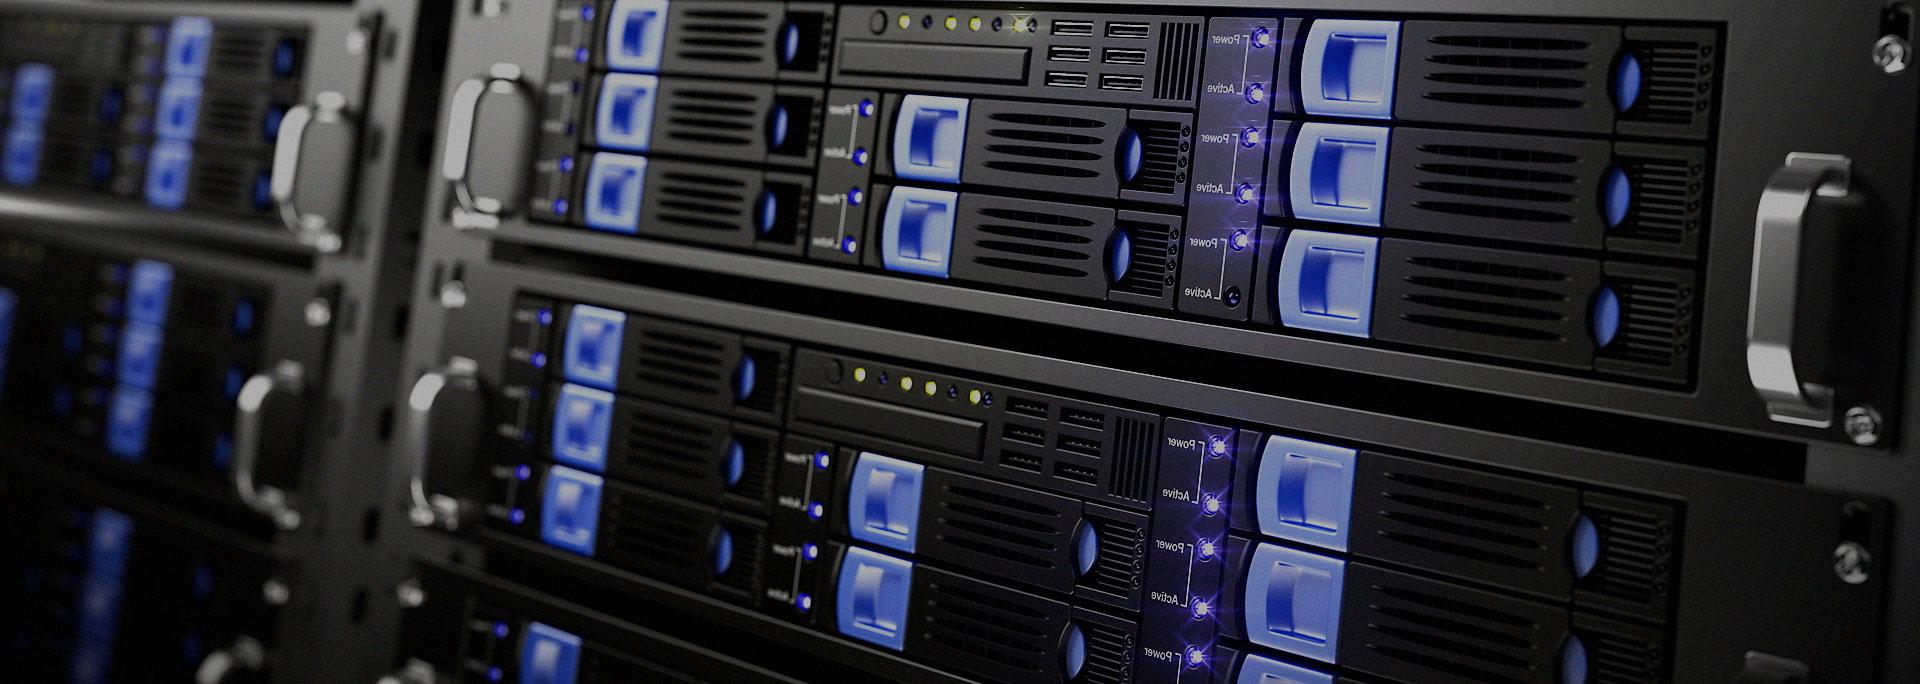 разница между облачным сервером и выделенным сервером